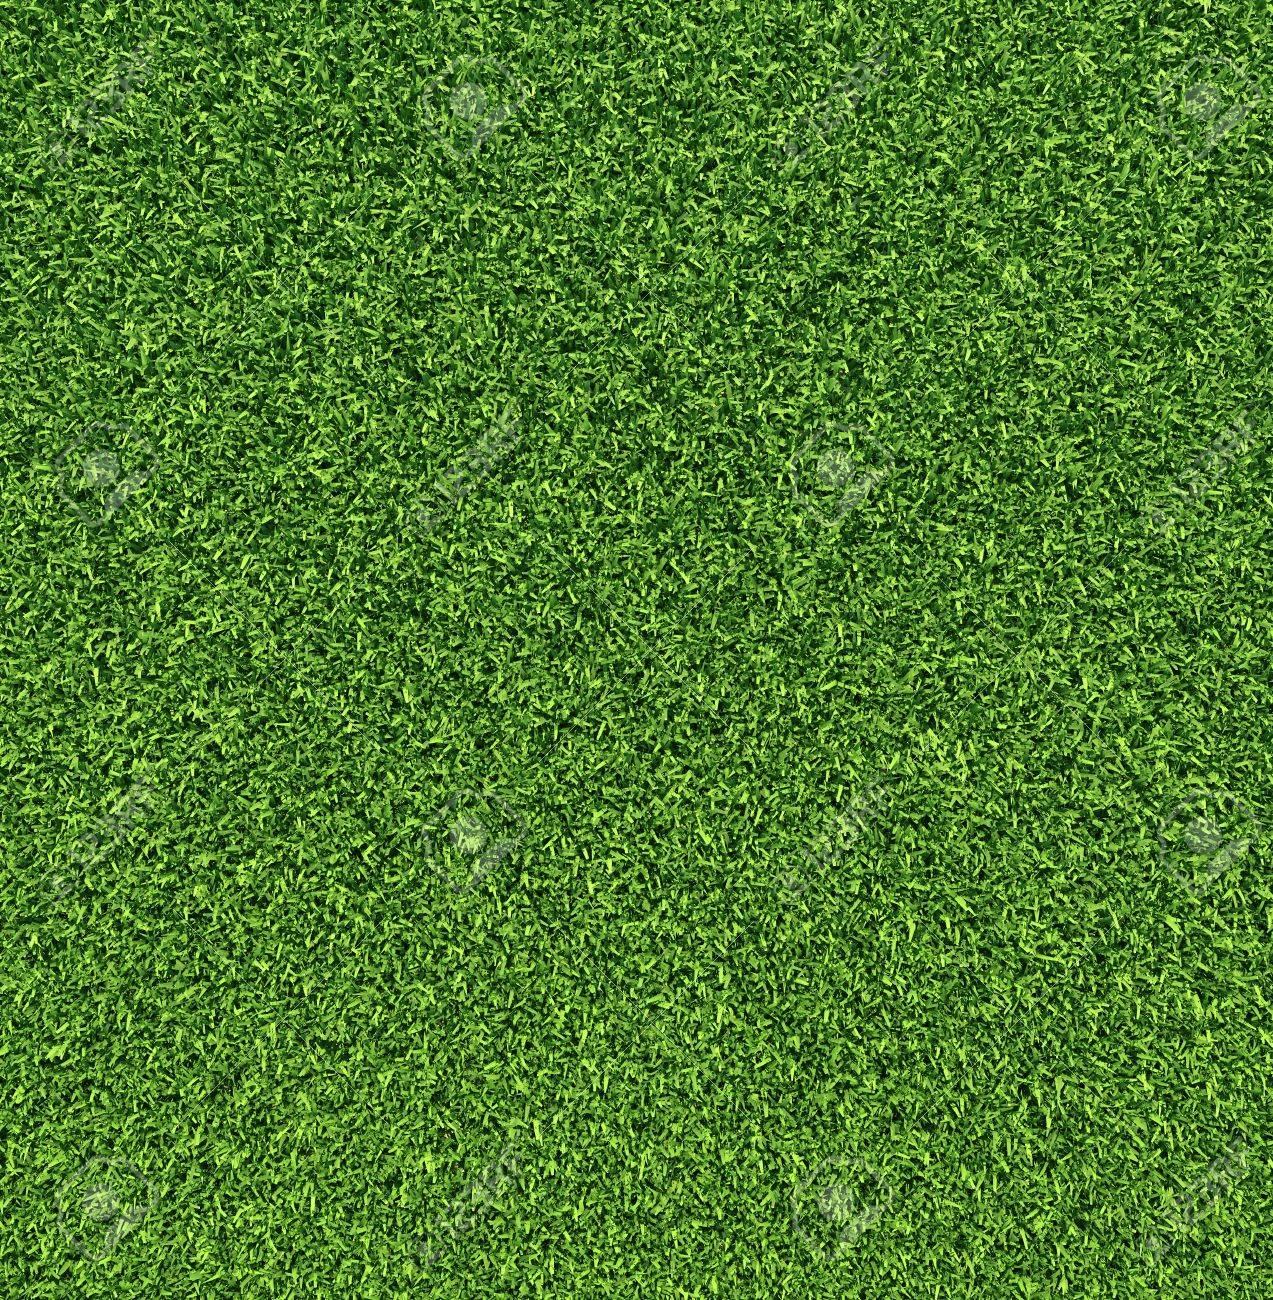 Immagini Stock Sfondo Verde Erba Alta Qualità Di Rendering Image